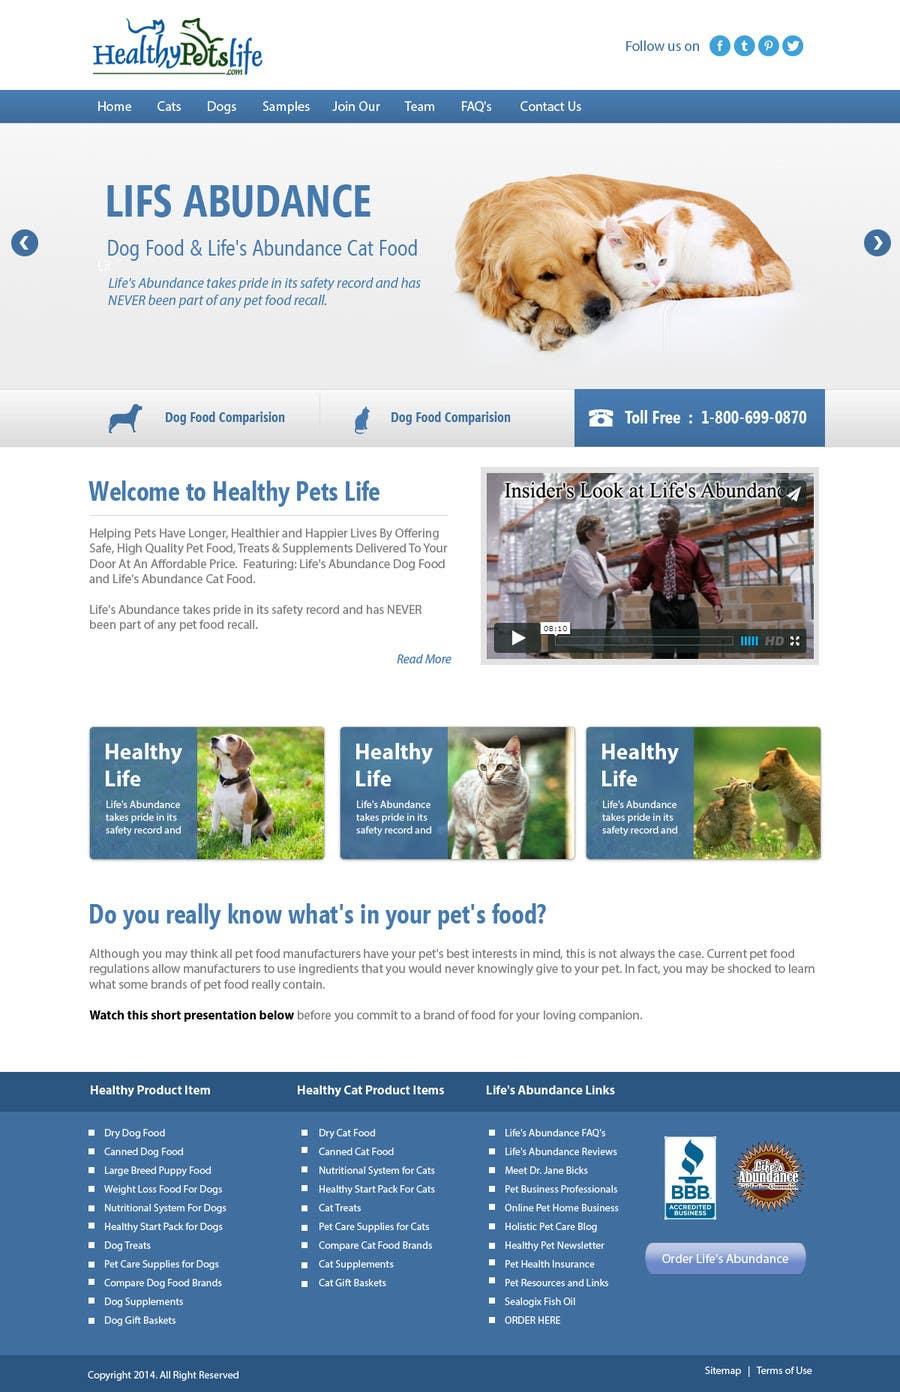 Penyertaan Peraduan #                                        20                                      untuk                                         Design a Wordpress Mockup for Pet Food Website